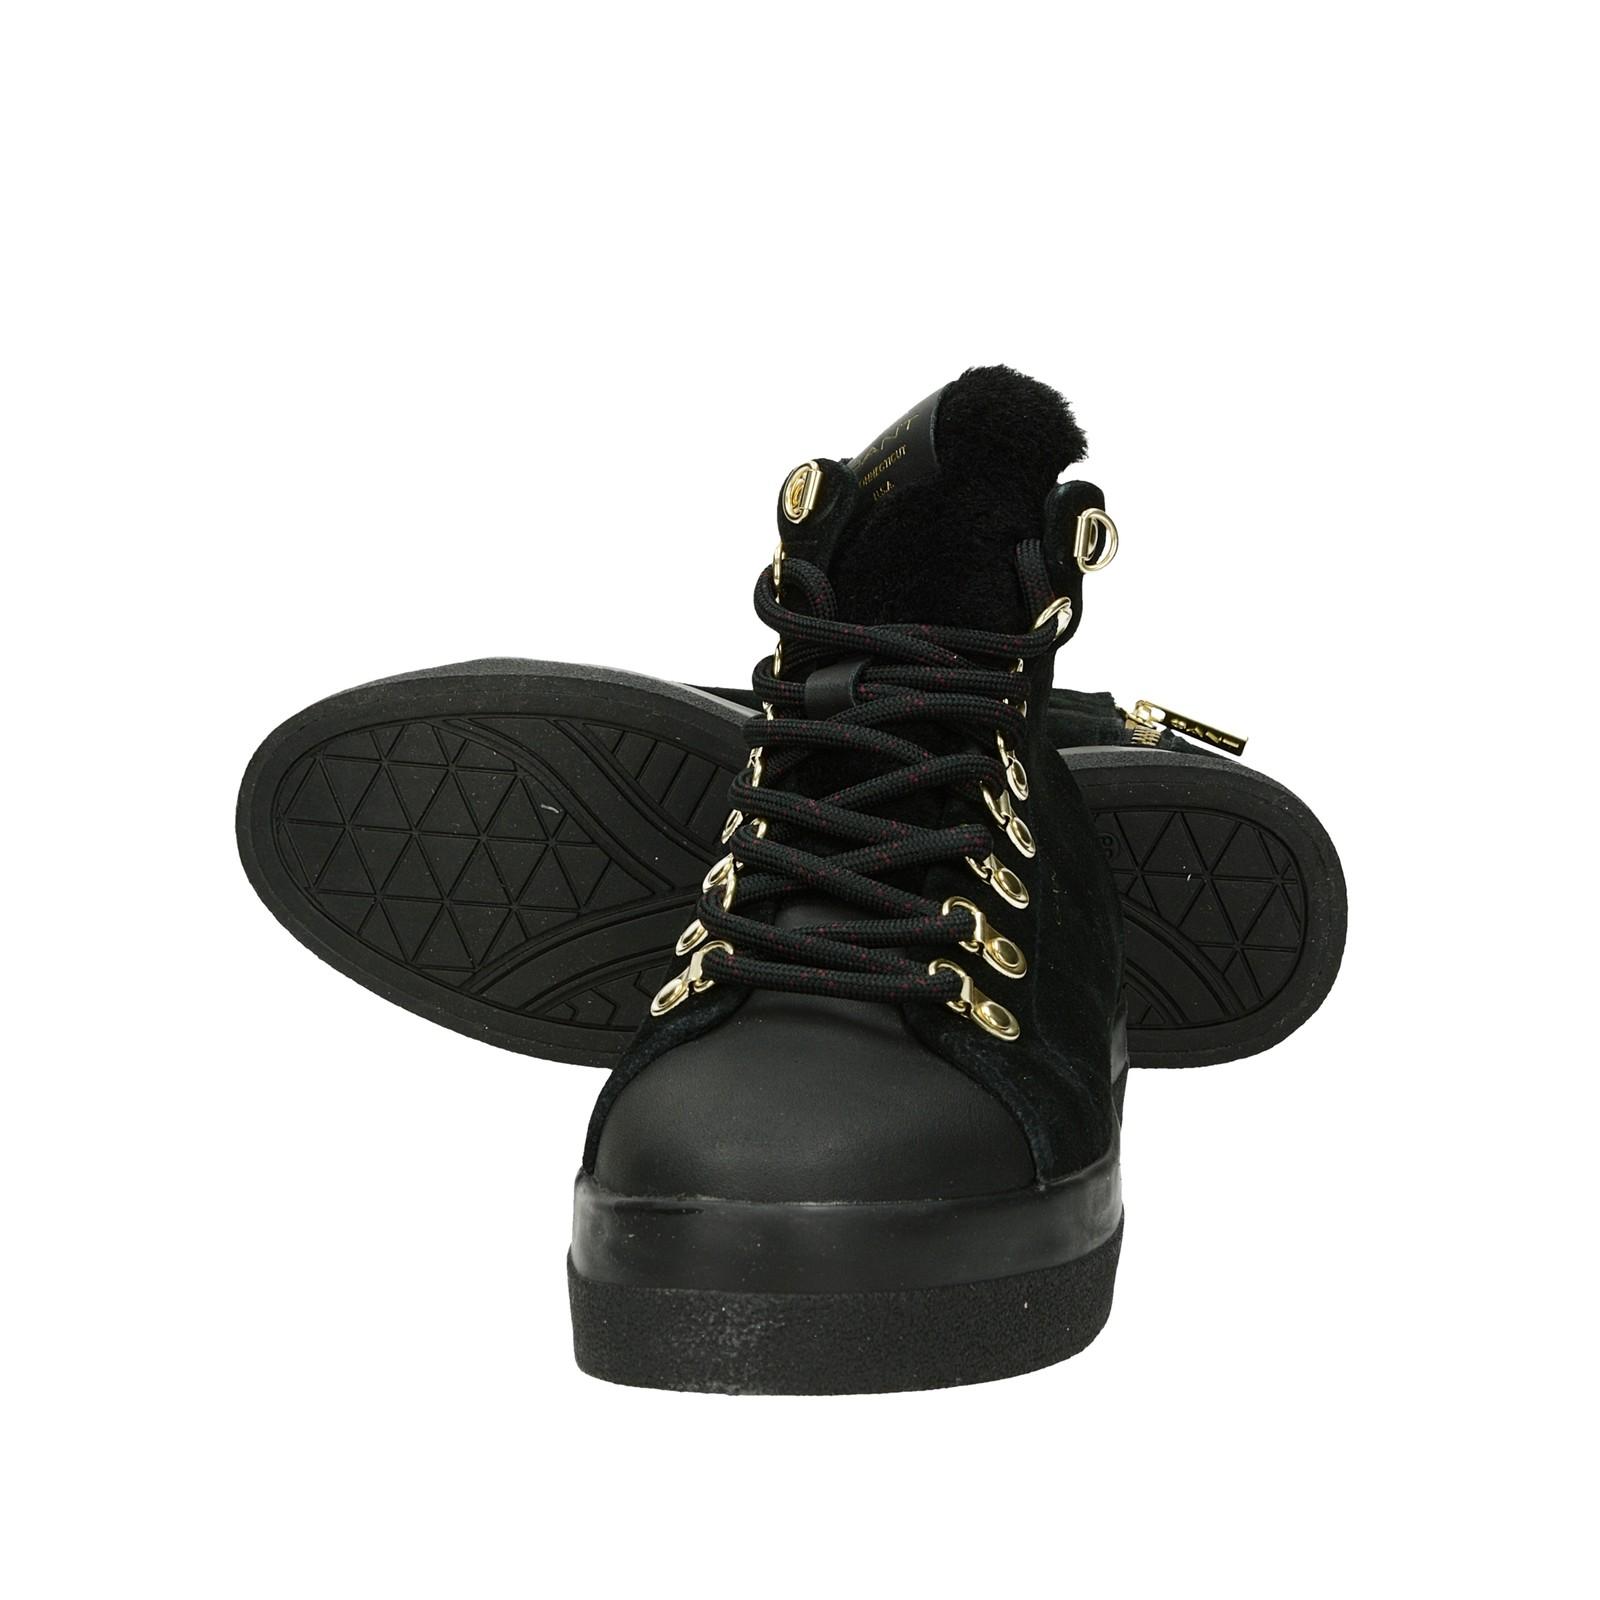 Gant dámske štýlové semišové zateplené kotníky - čierne